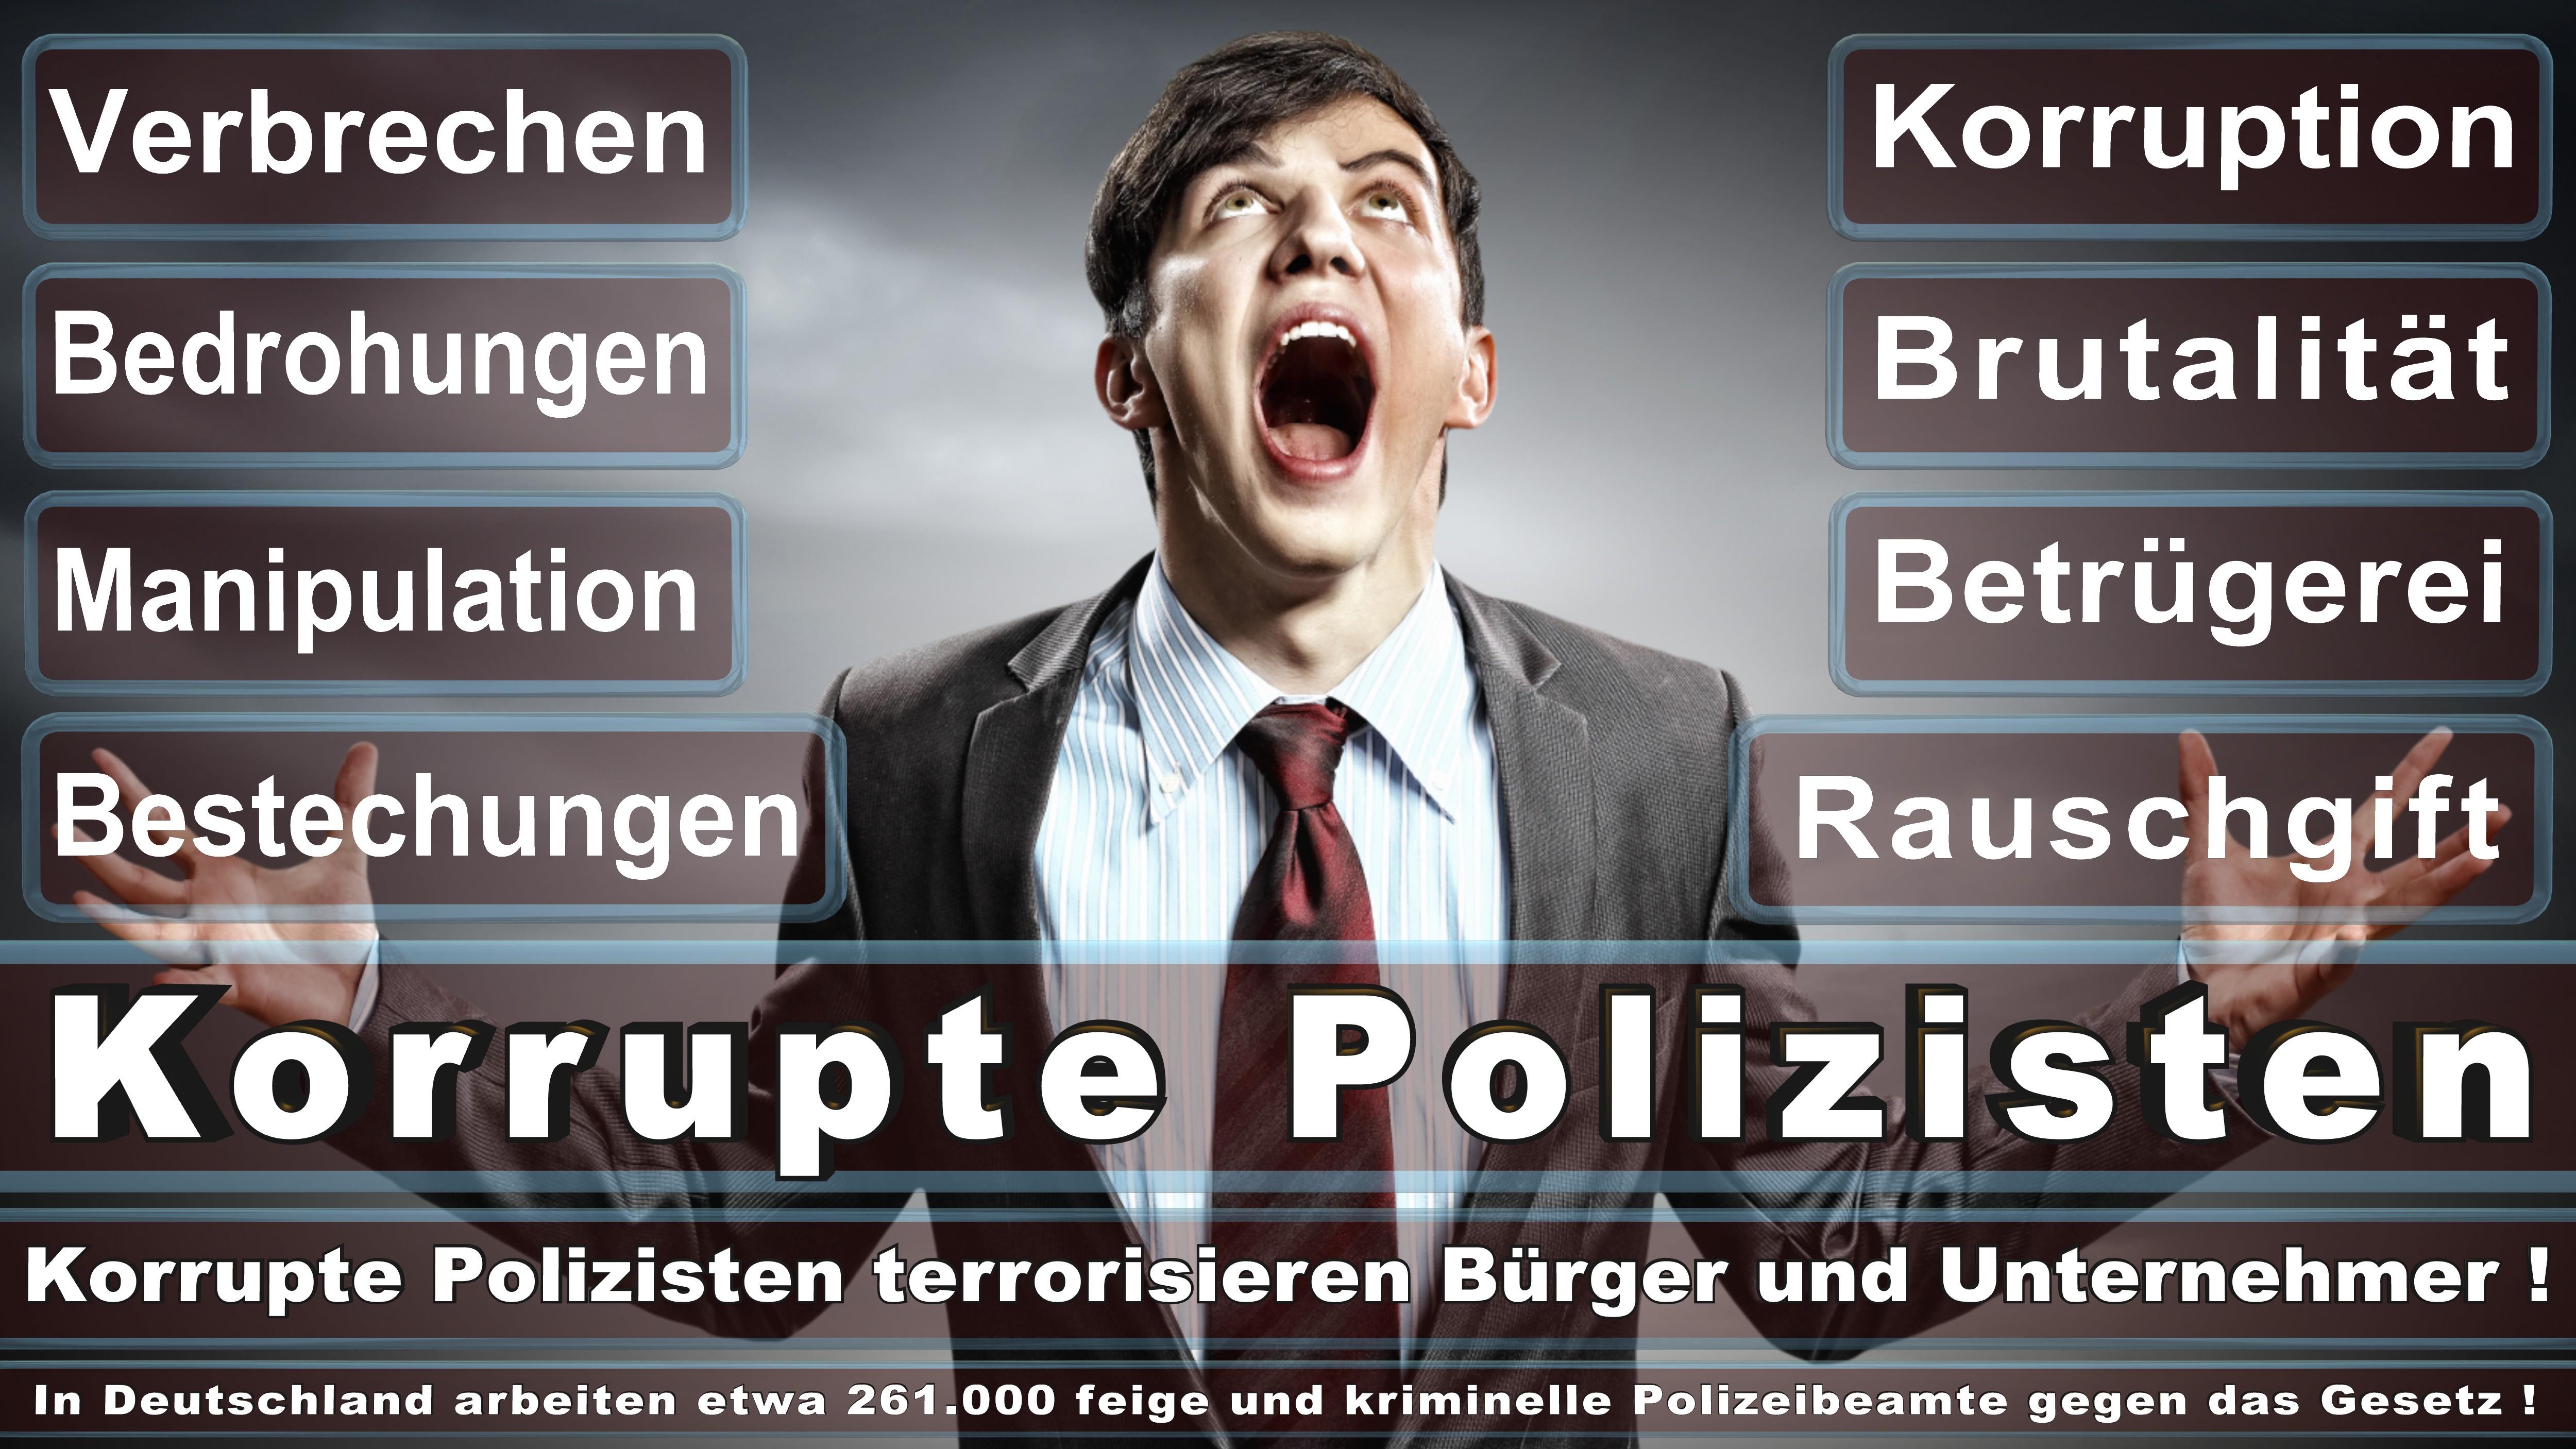 Polizei-Bielefeld (164) Schutzpolizei, Verkehrspolizei, Polizeiverwaltungsamt, Bereitschaftspolizei, Polizeibeamte, Polizeibeamter,